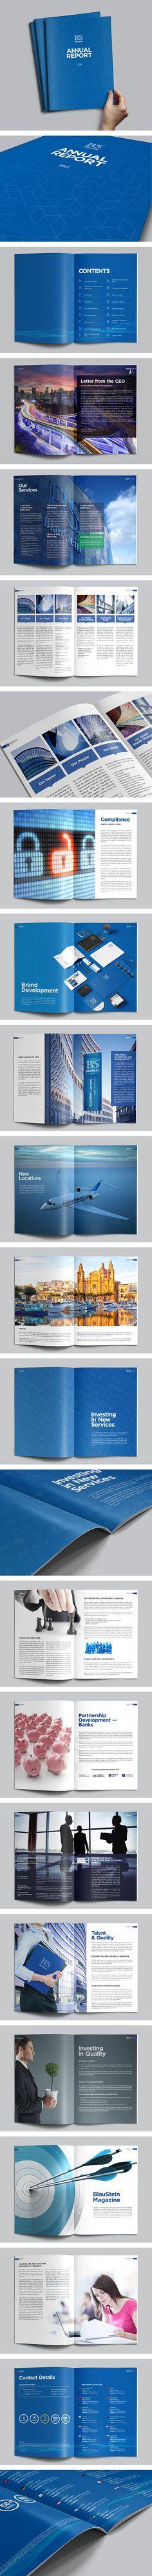 Годовой отчет для BlauStein Annual report © Сергей Васильев